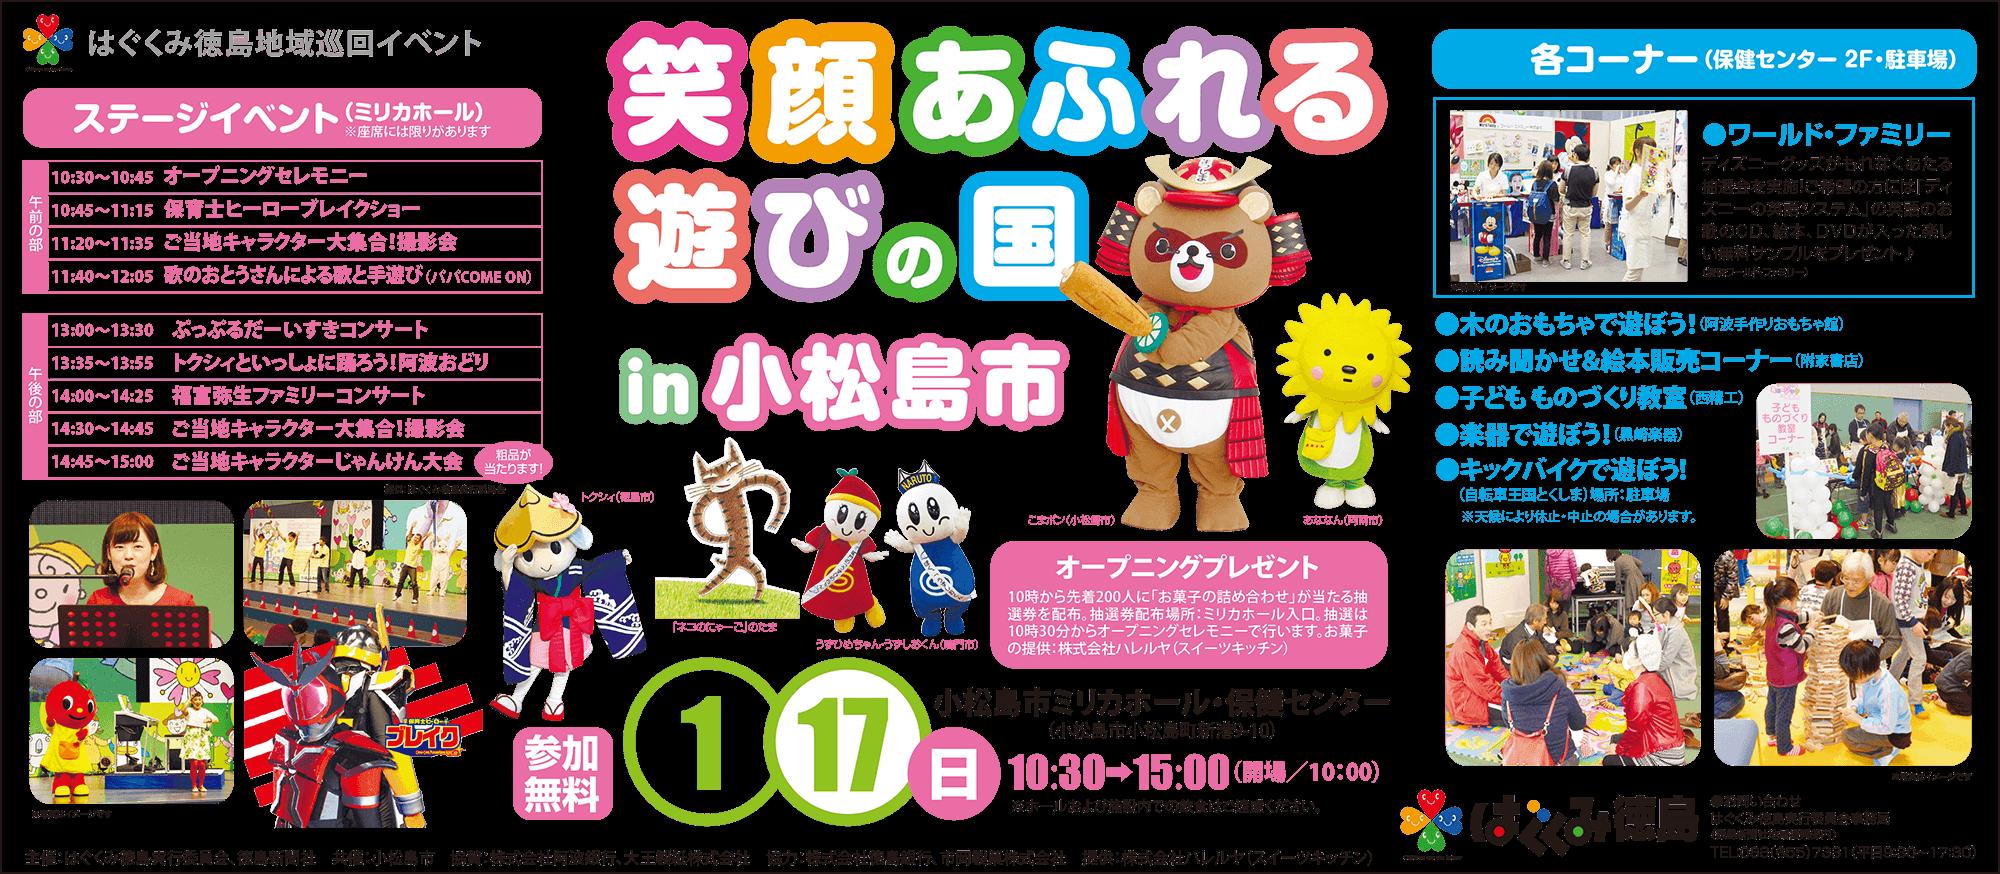 1-10小松島市-巡回イヘ-ント5段